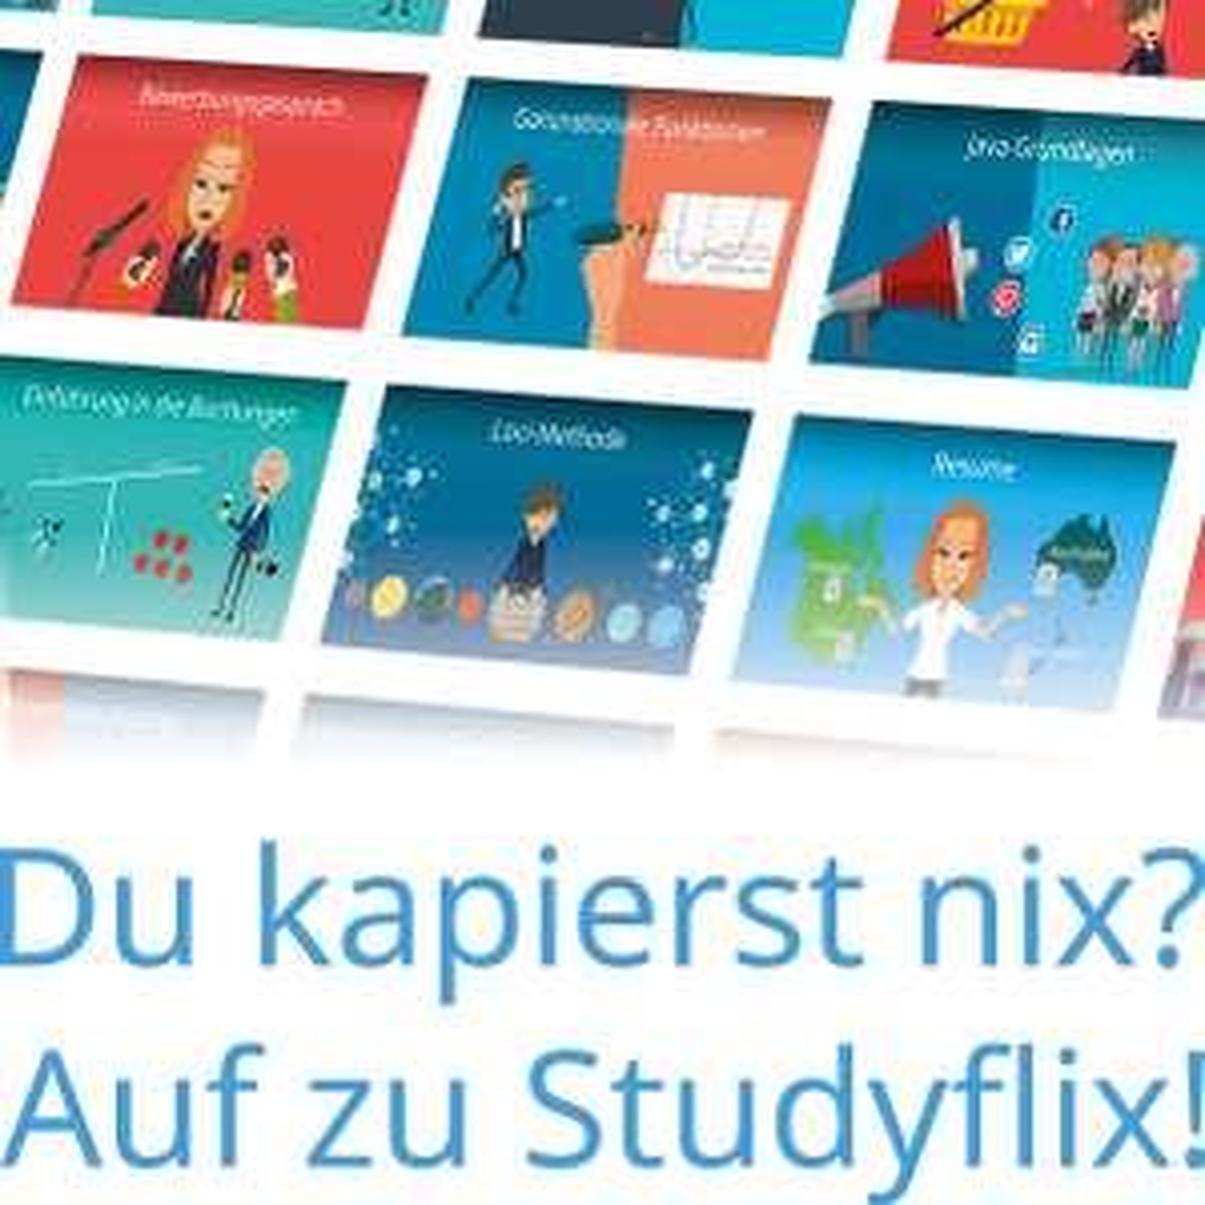 Kostenlose Videokurse für die Klausurenvorbereitung auf Studyflix